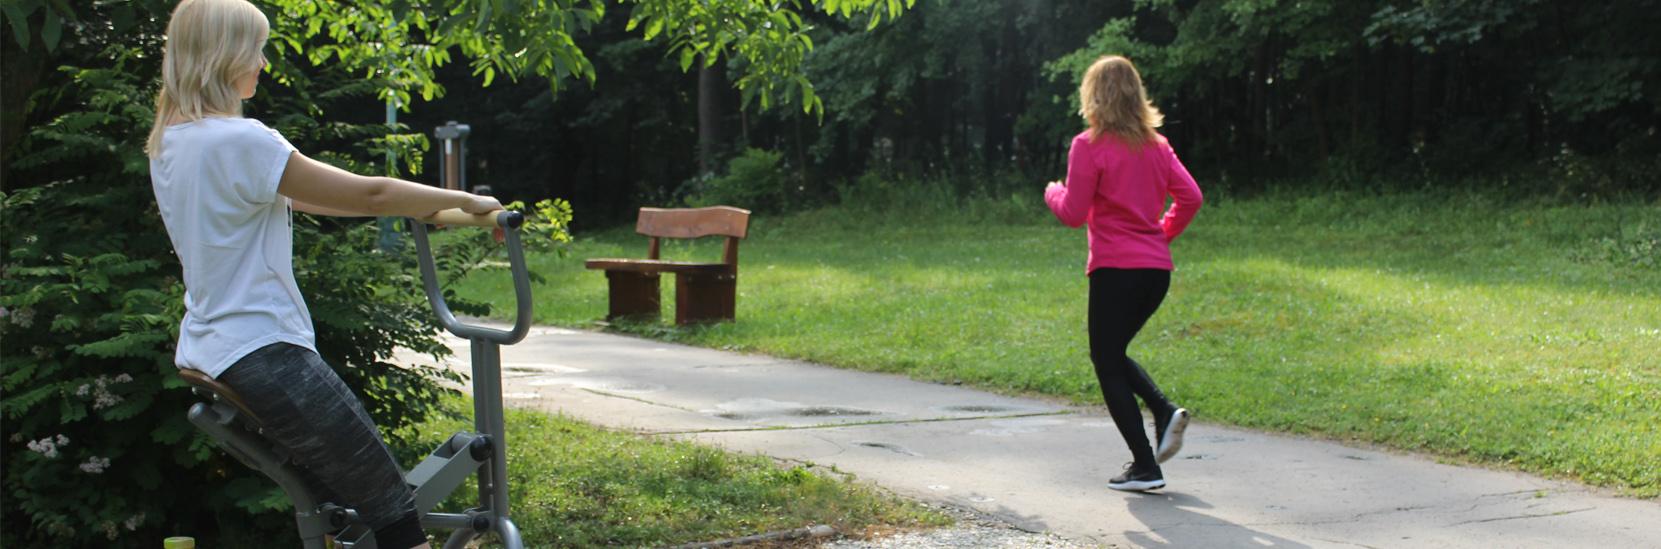 Kúpeľný chodník zdravia v lesoparku Búroš